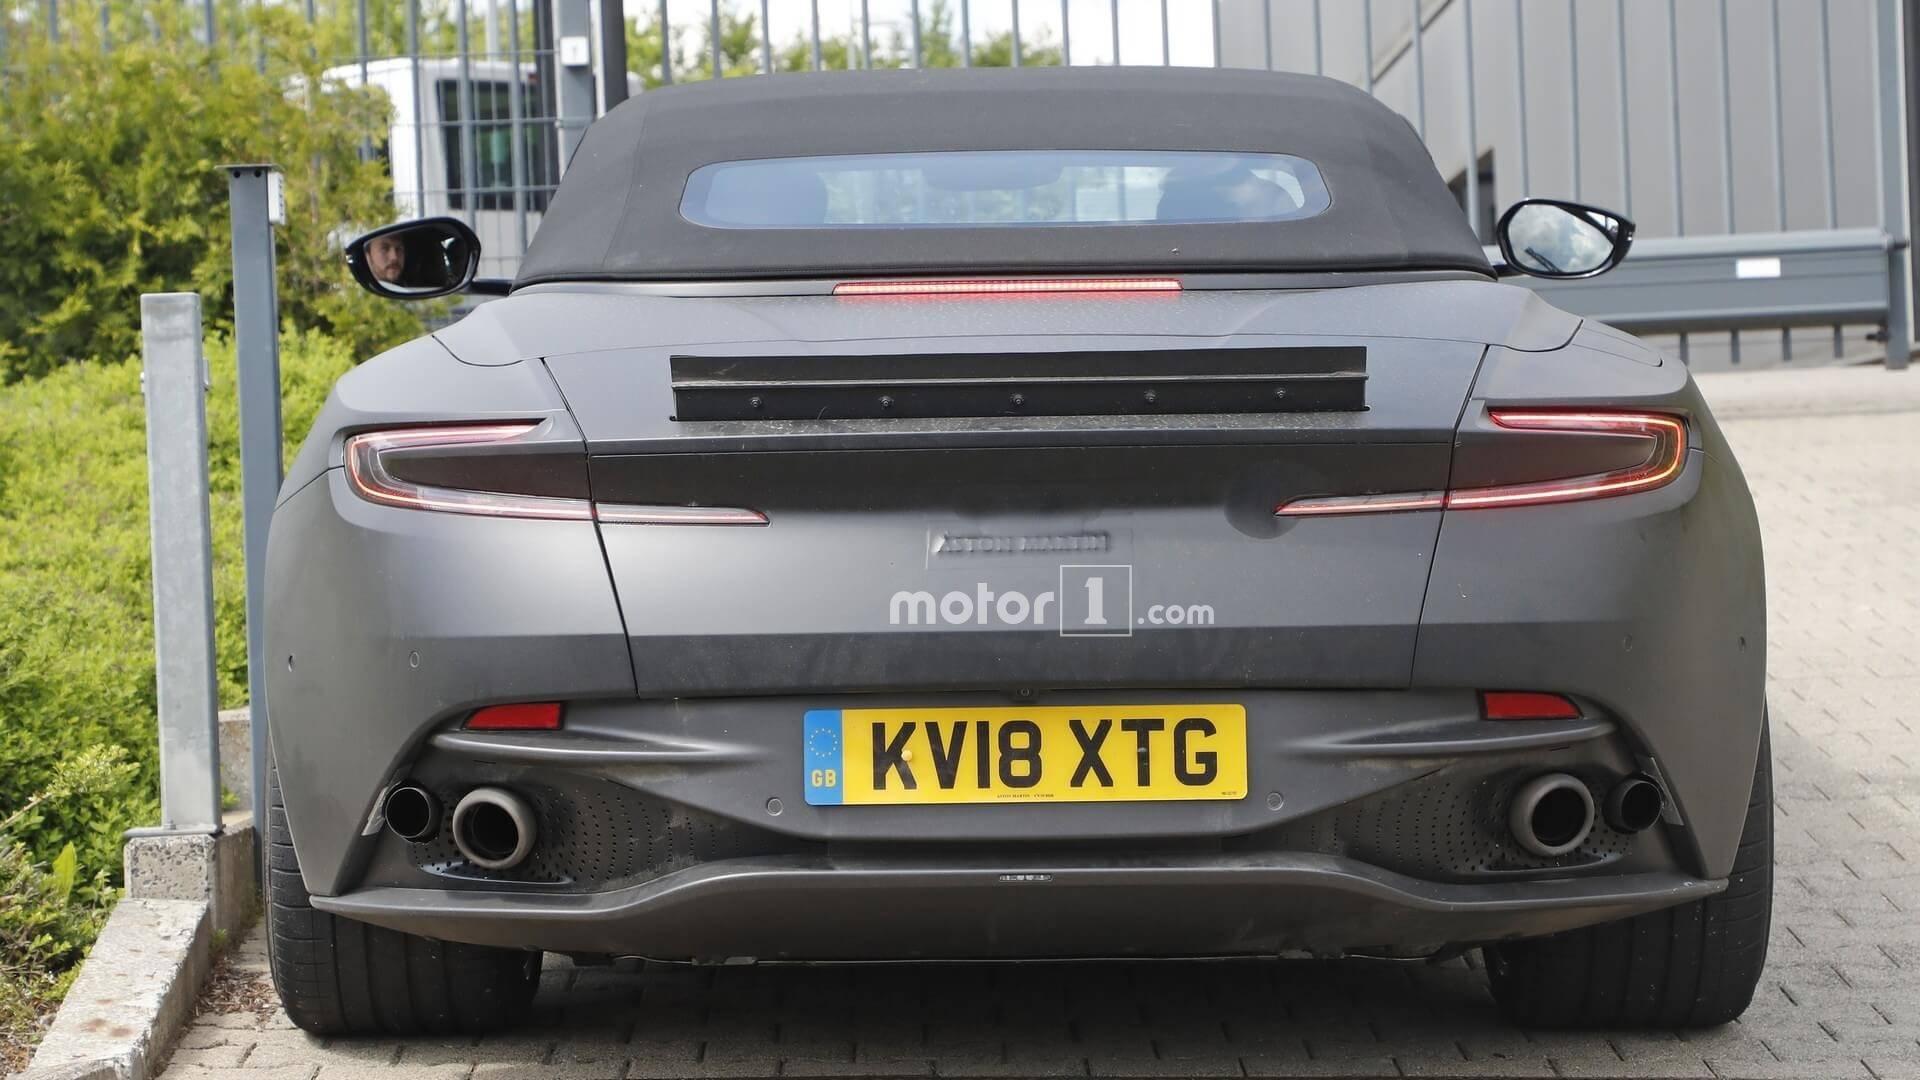 Aston Martin Dbs Superleggera Volante Spied Update